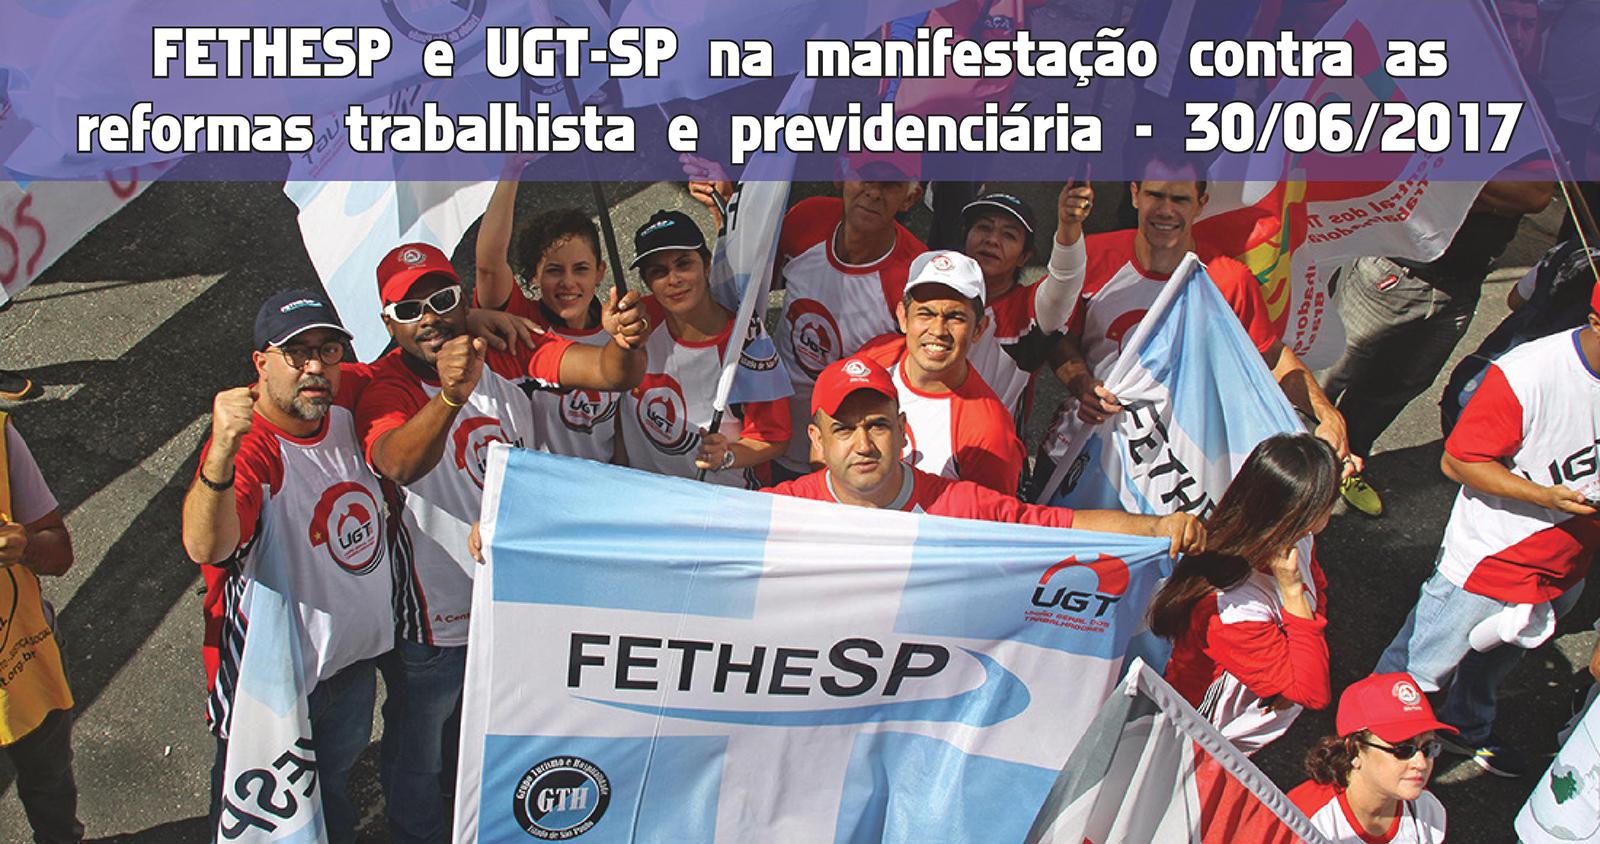 FETHESP e UGT SP na manifestacao de 30 de junho contra as reformas